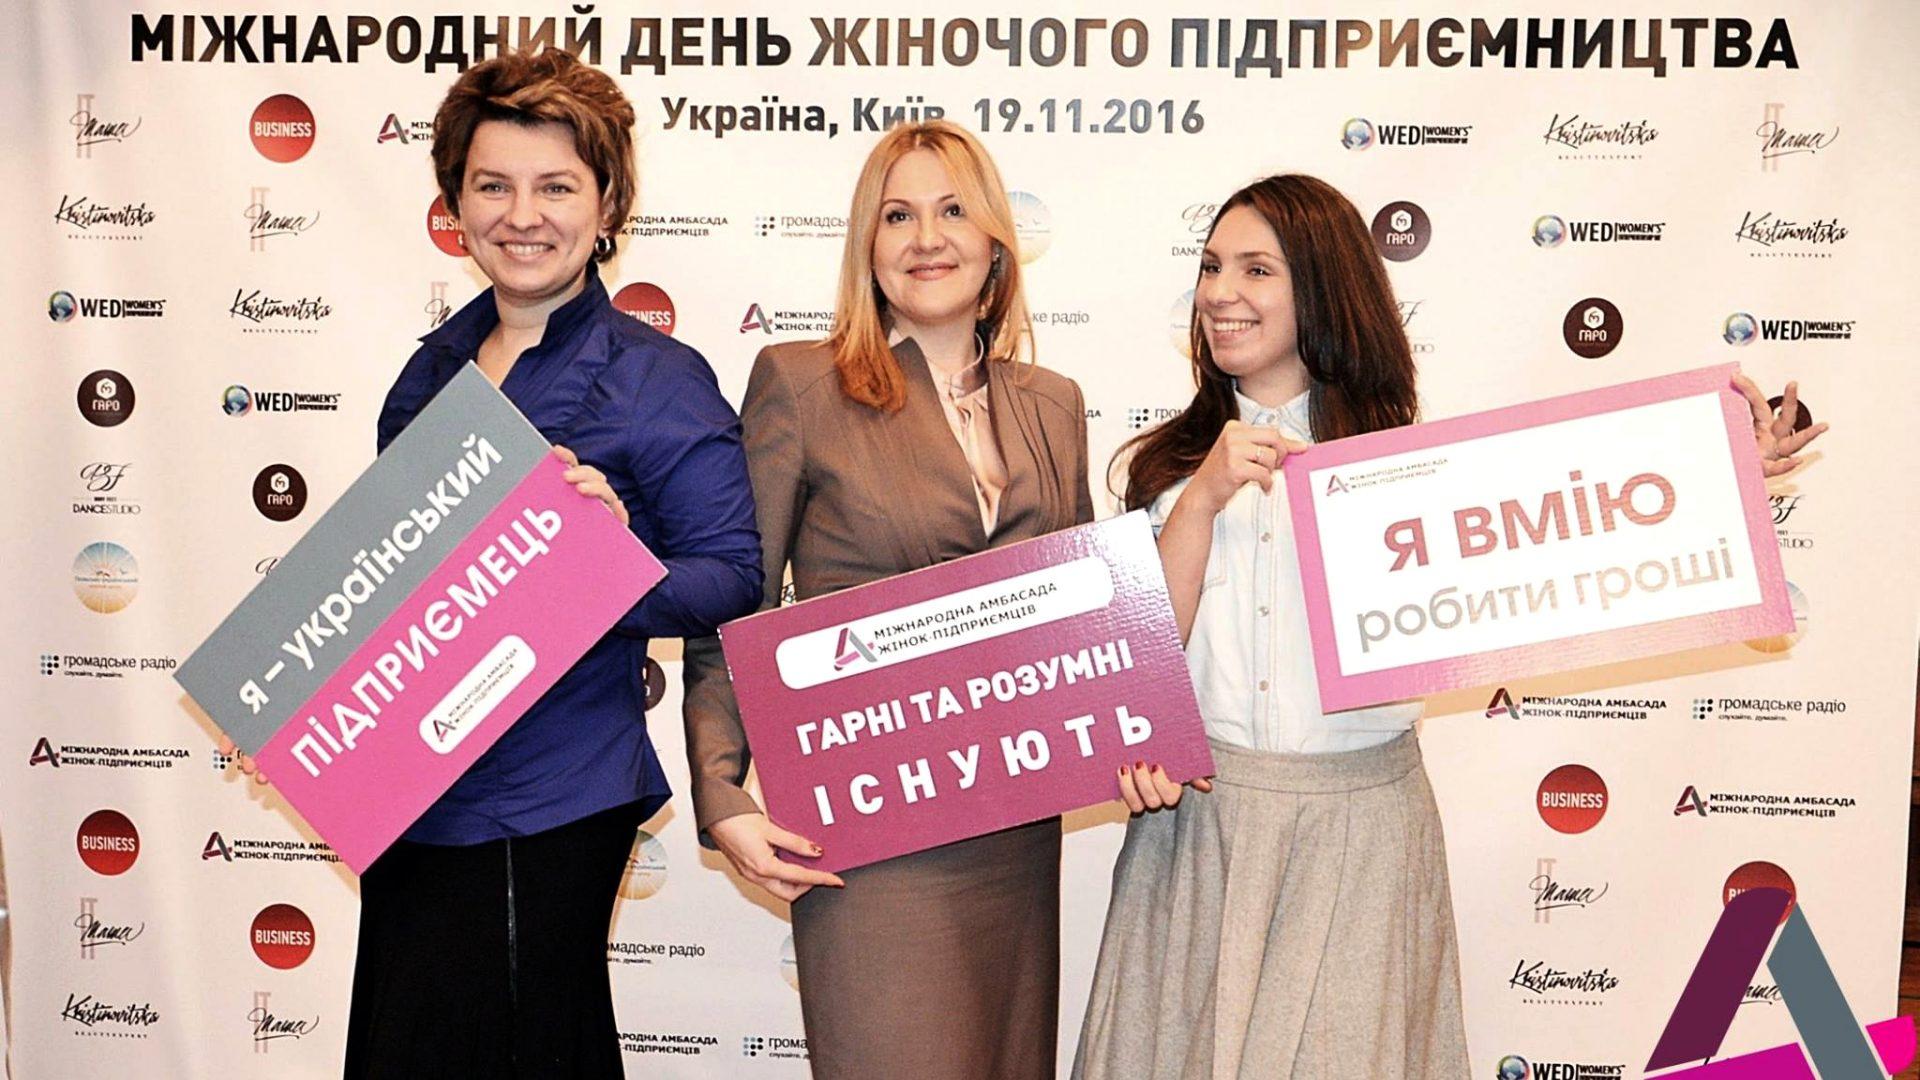 Міжнародний День Жіного Підприємництва